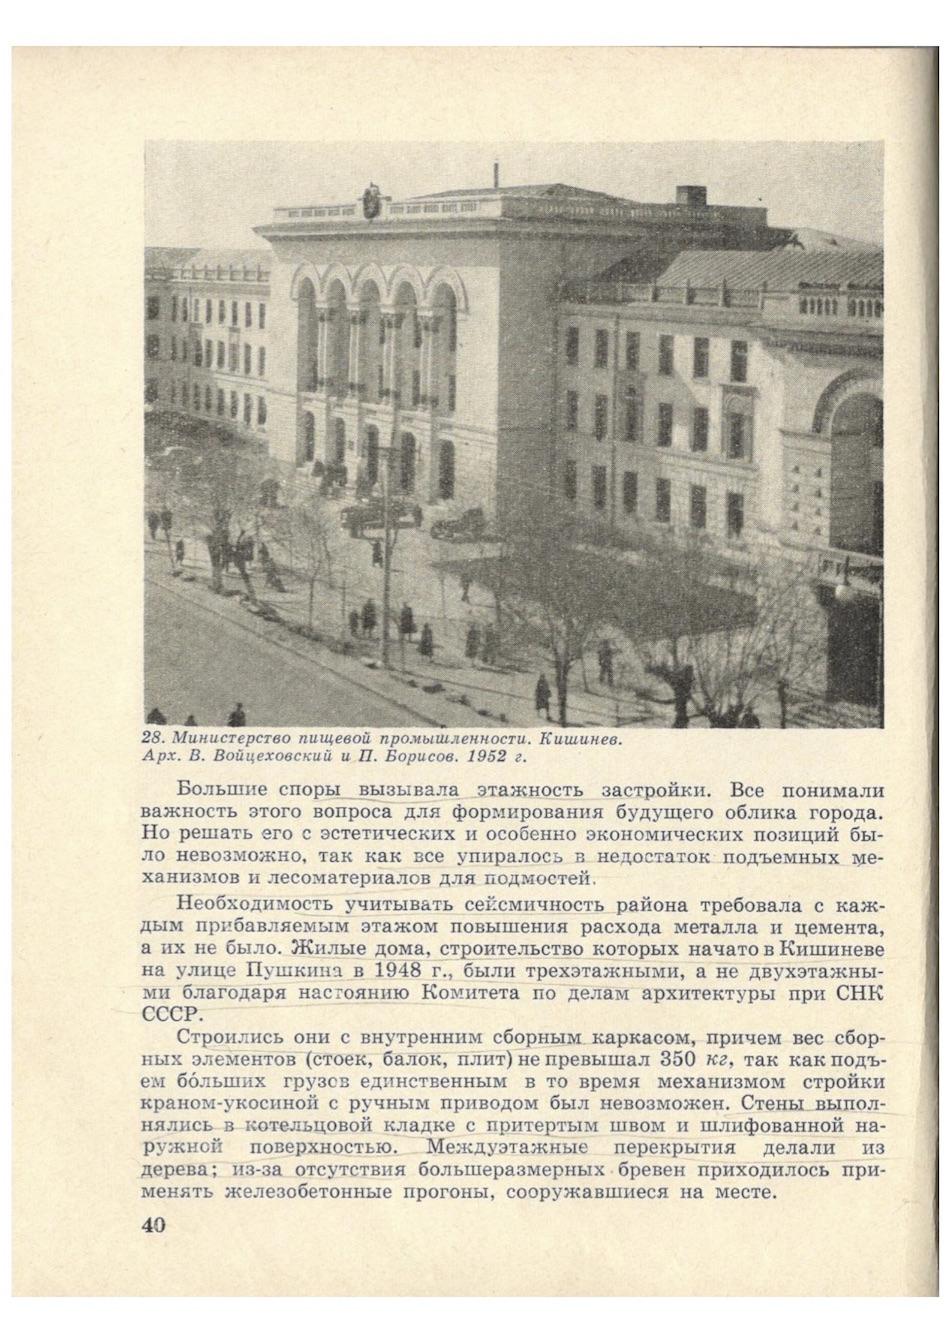 293-Градостроительство-Молдавии-В-Ф-Смирнов